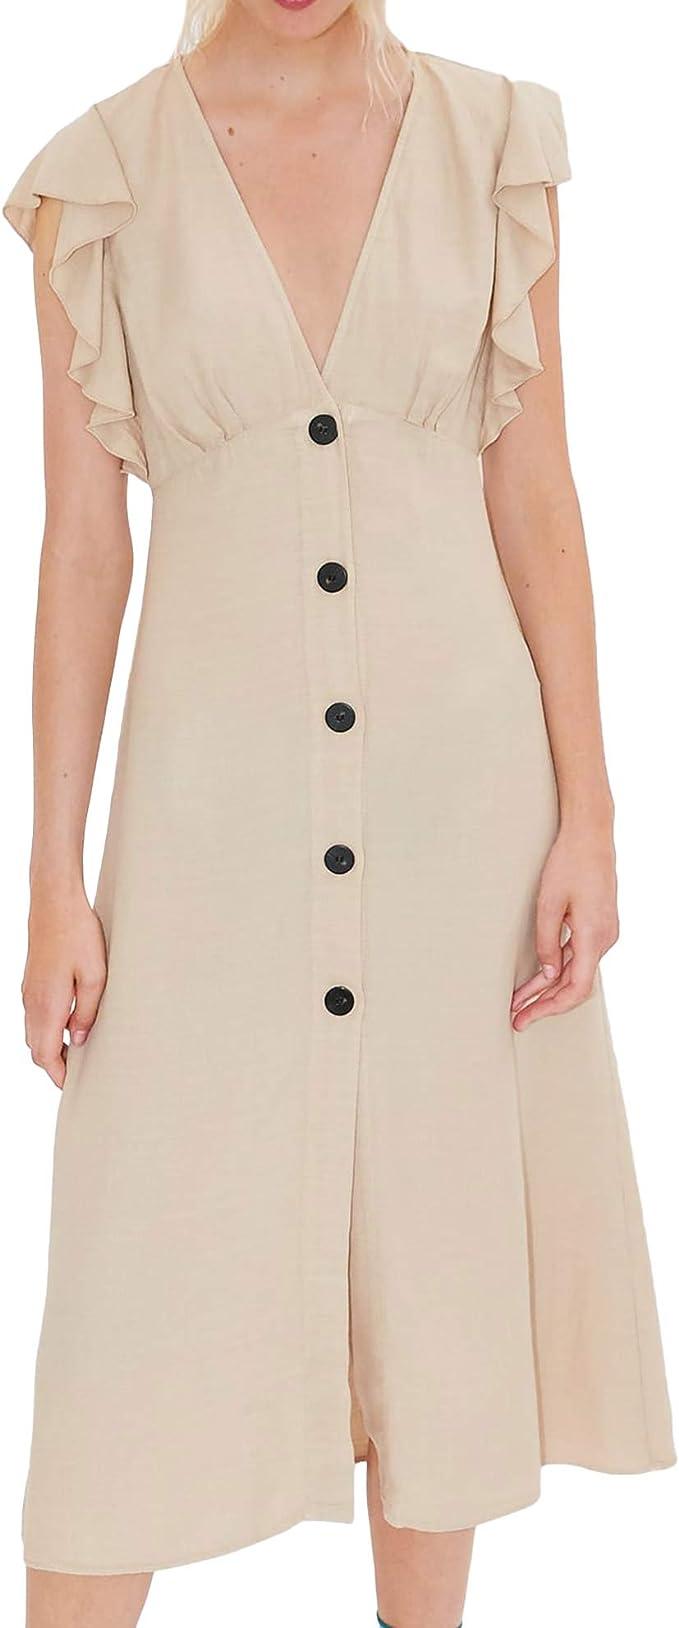 Zara 2674/220 - Vestido rústico con volantes para mujer ...